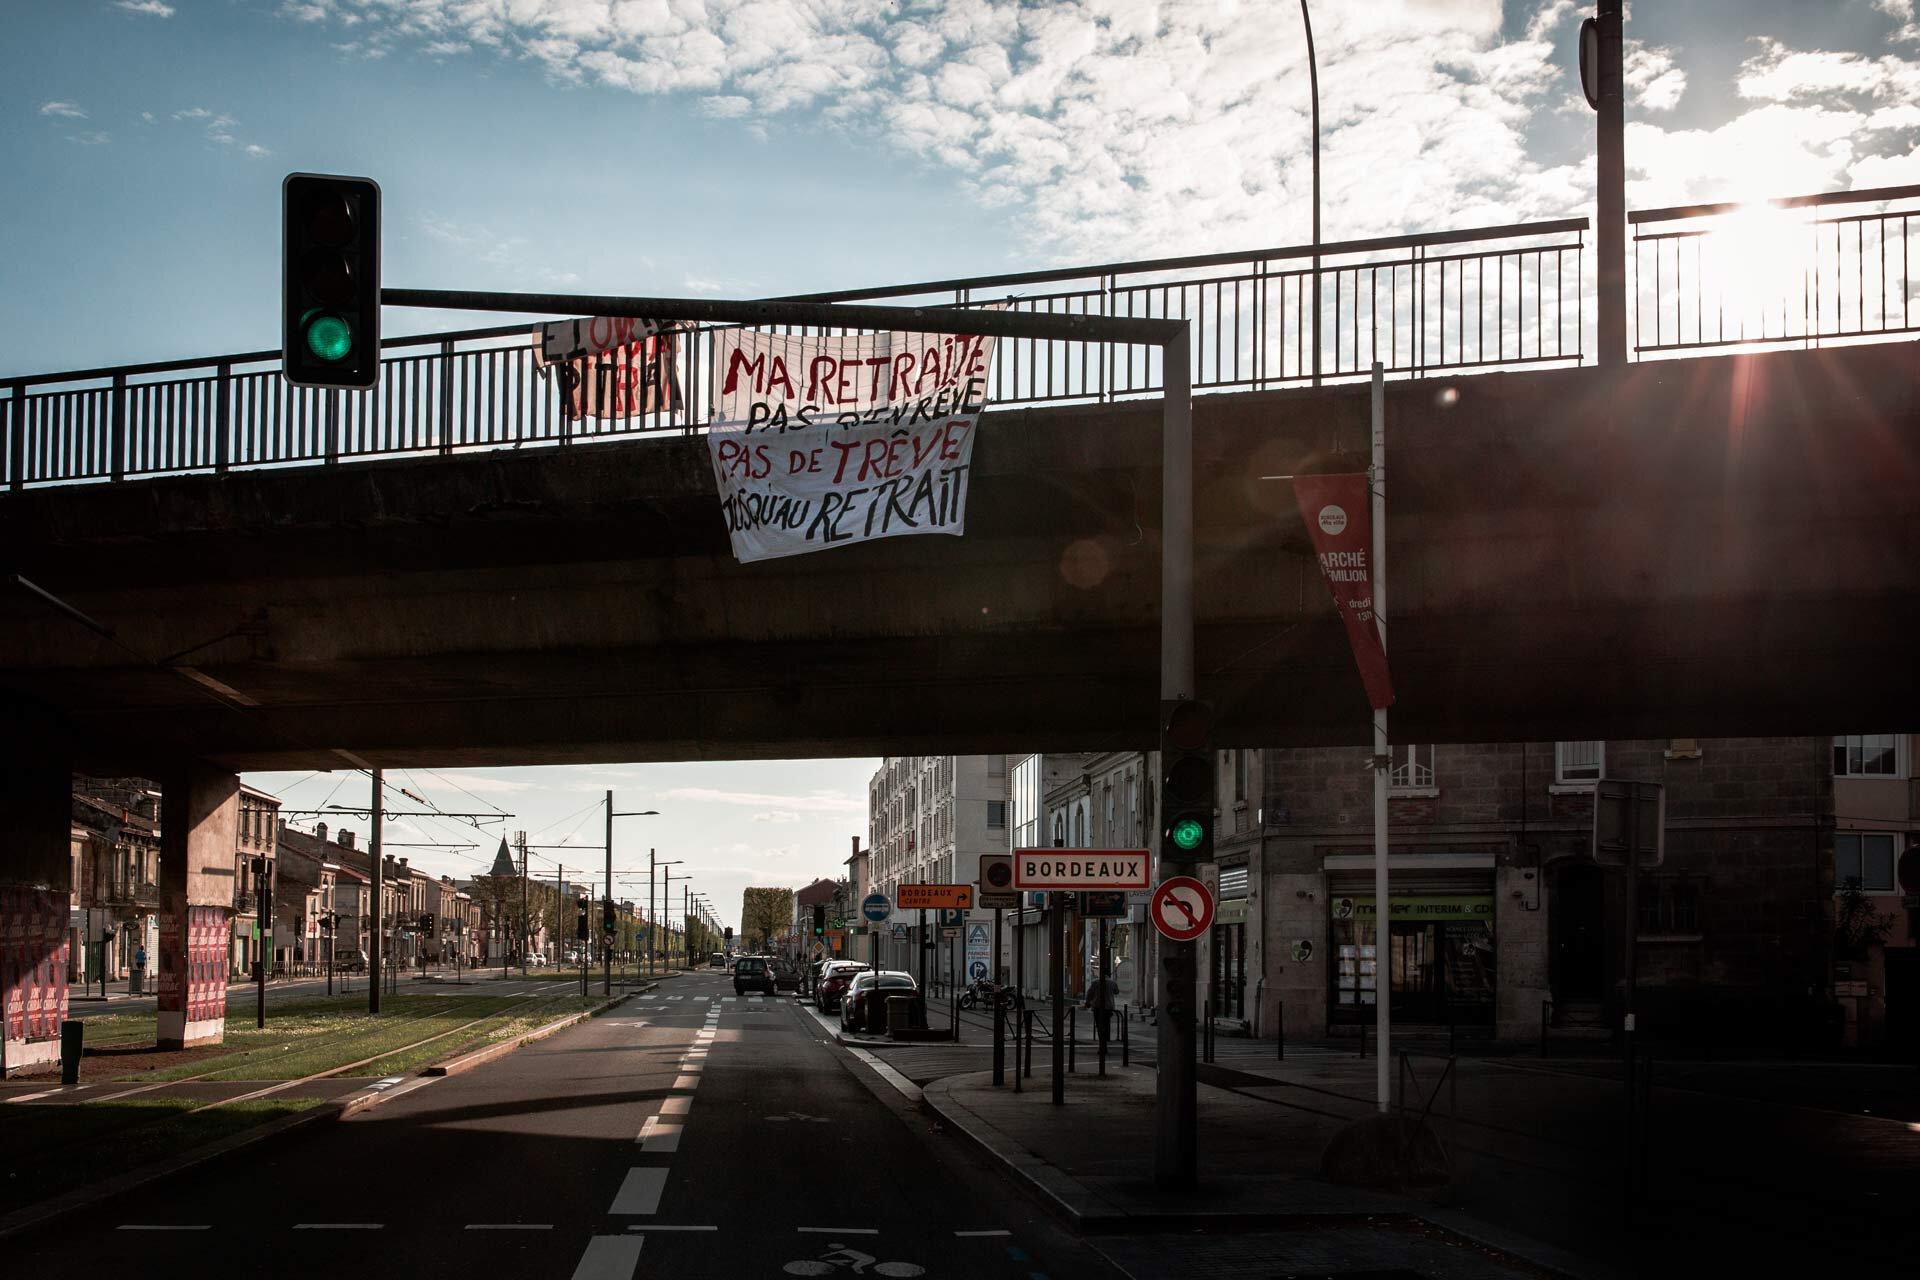 Une affiche contre la réforme des retraite sur un pont